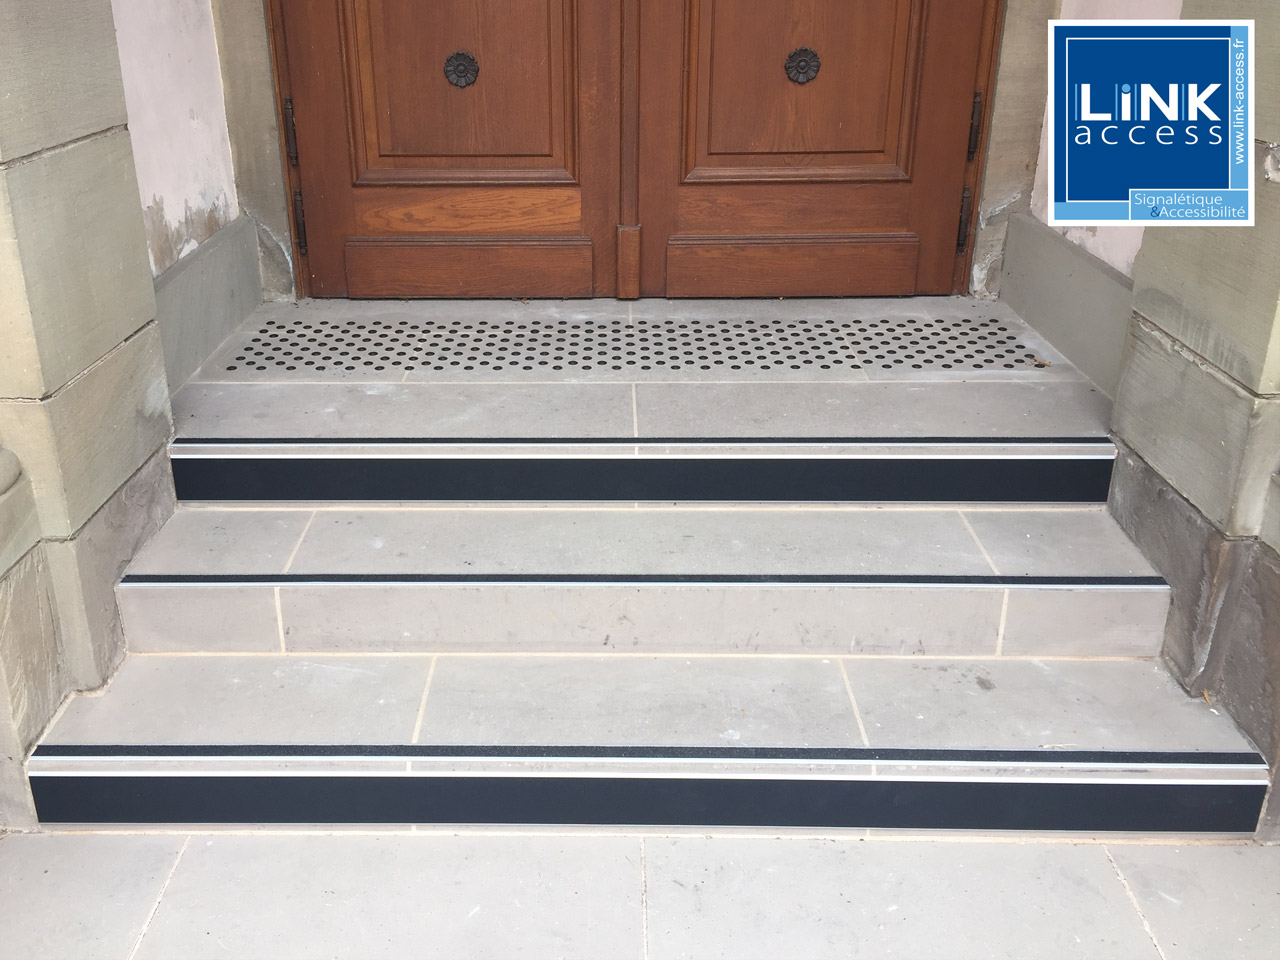 la première et la dernière contremarche de chaque volée d'escalier doit être contrastée par rapport aux autres contremarches et aux marches de l'escalier